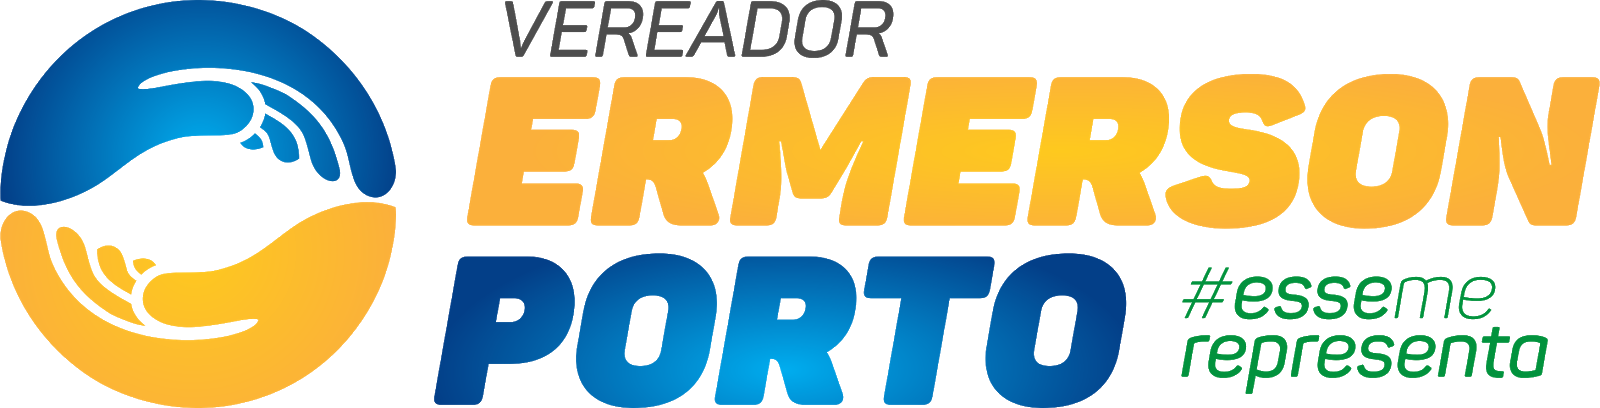 Logo%2BVereador%2BEmerson%2BPorto%2B02